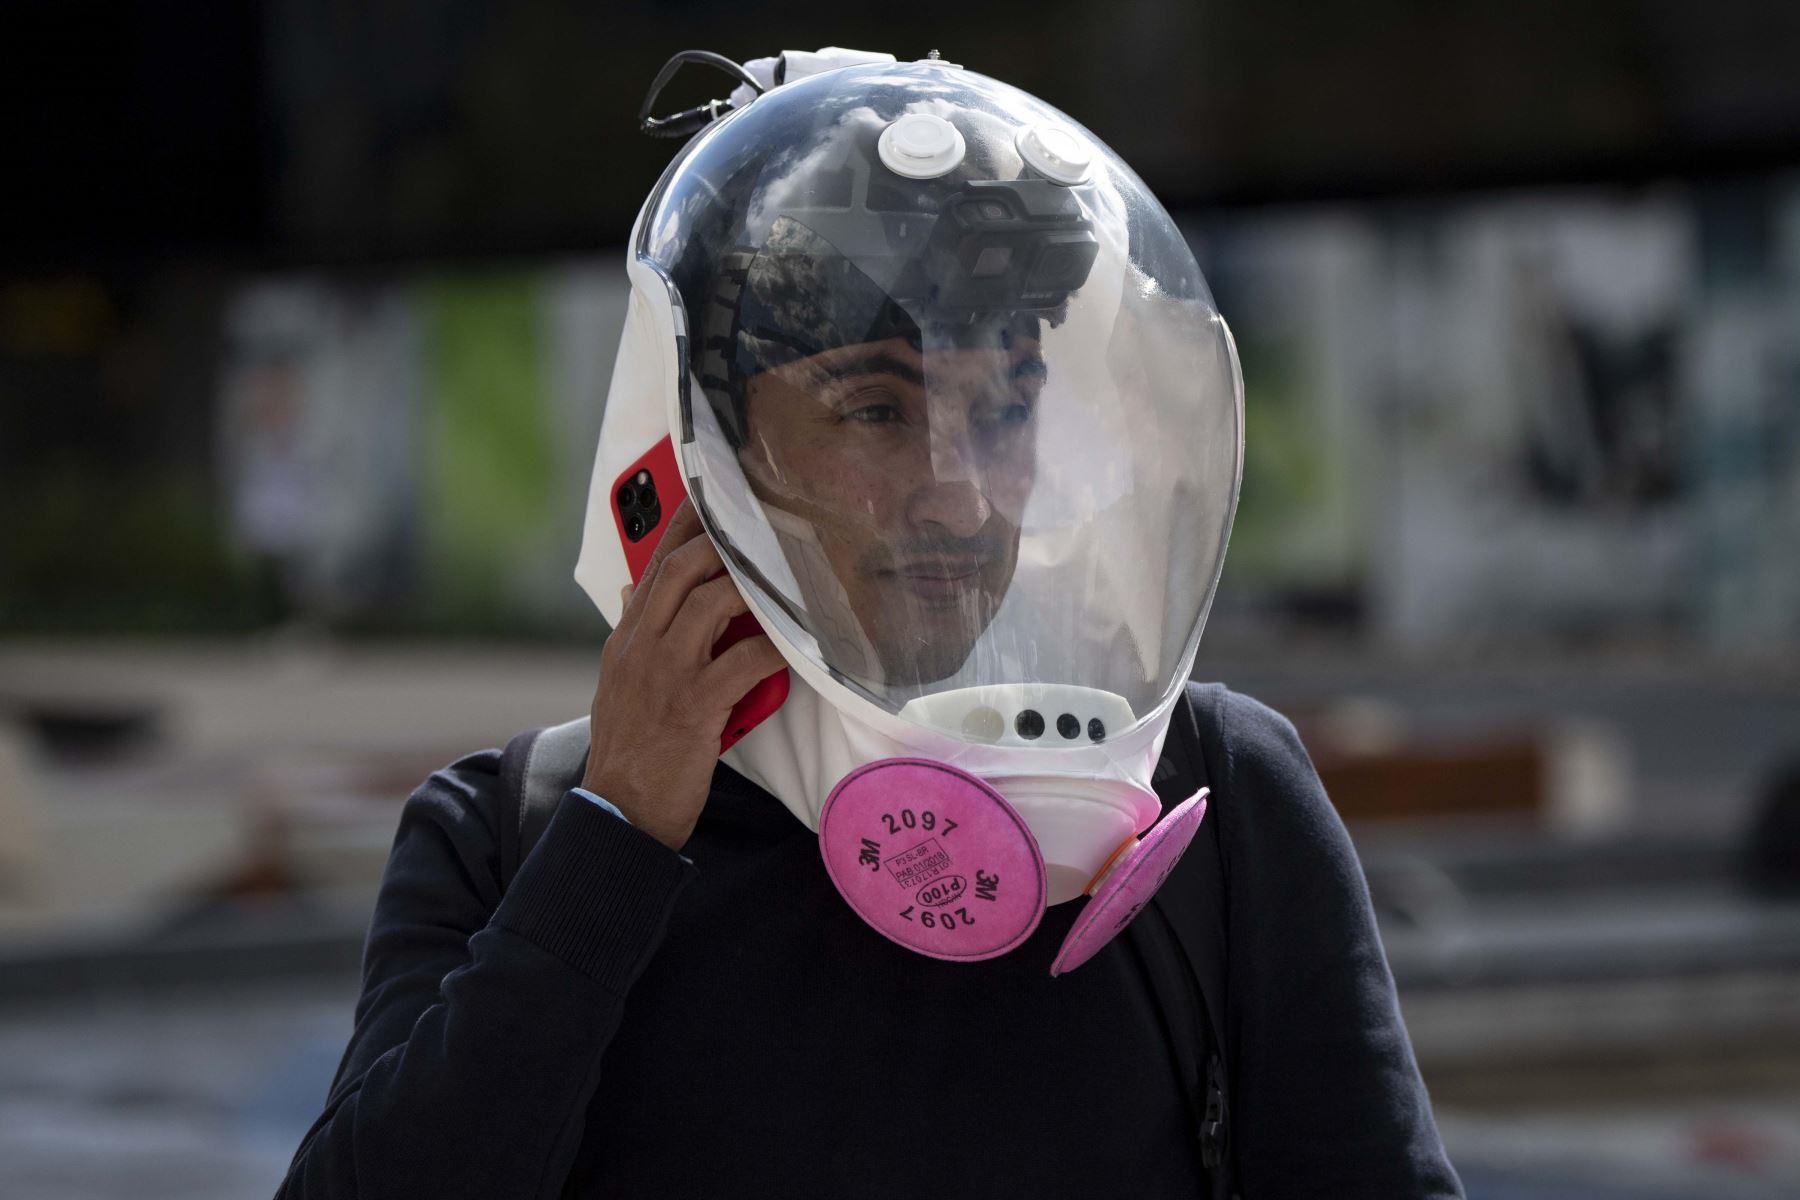 El diseñador industrial colombiano, Ricardo Conde, usa una nueva máscara de ventilación contra la propagación del nuevo coronavirus que diseñó junto a un médico y dos ingenieros aeronáuticos. Foto: AFP